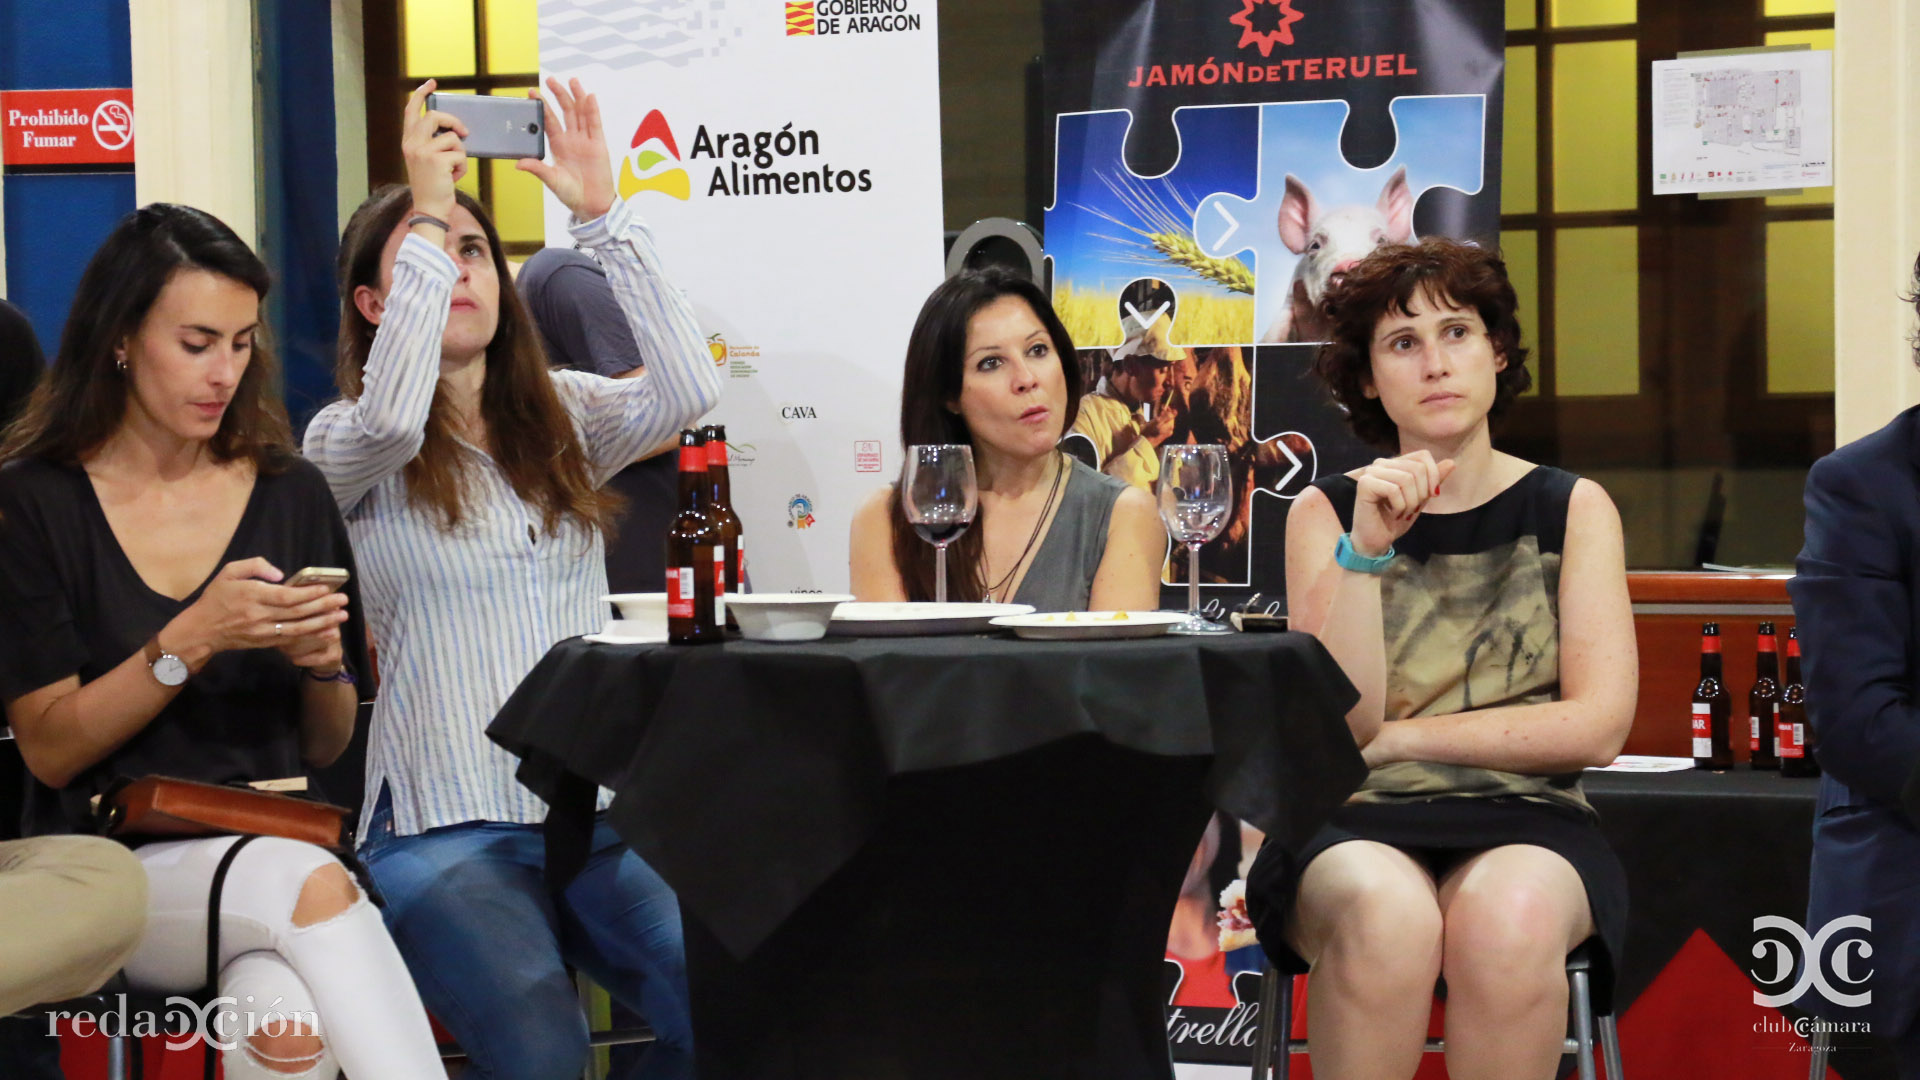 María Robles, Cristina Navarro, Ángela Medrano y Alicia de Miguel